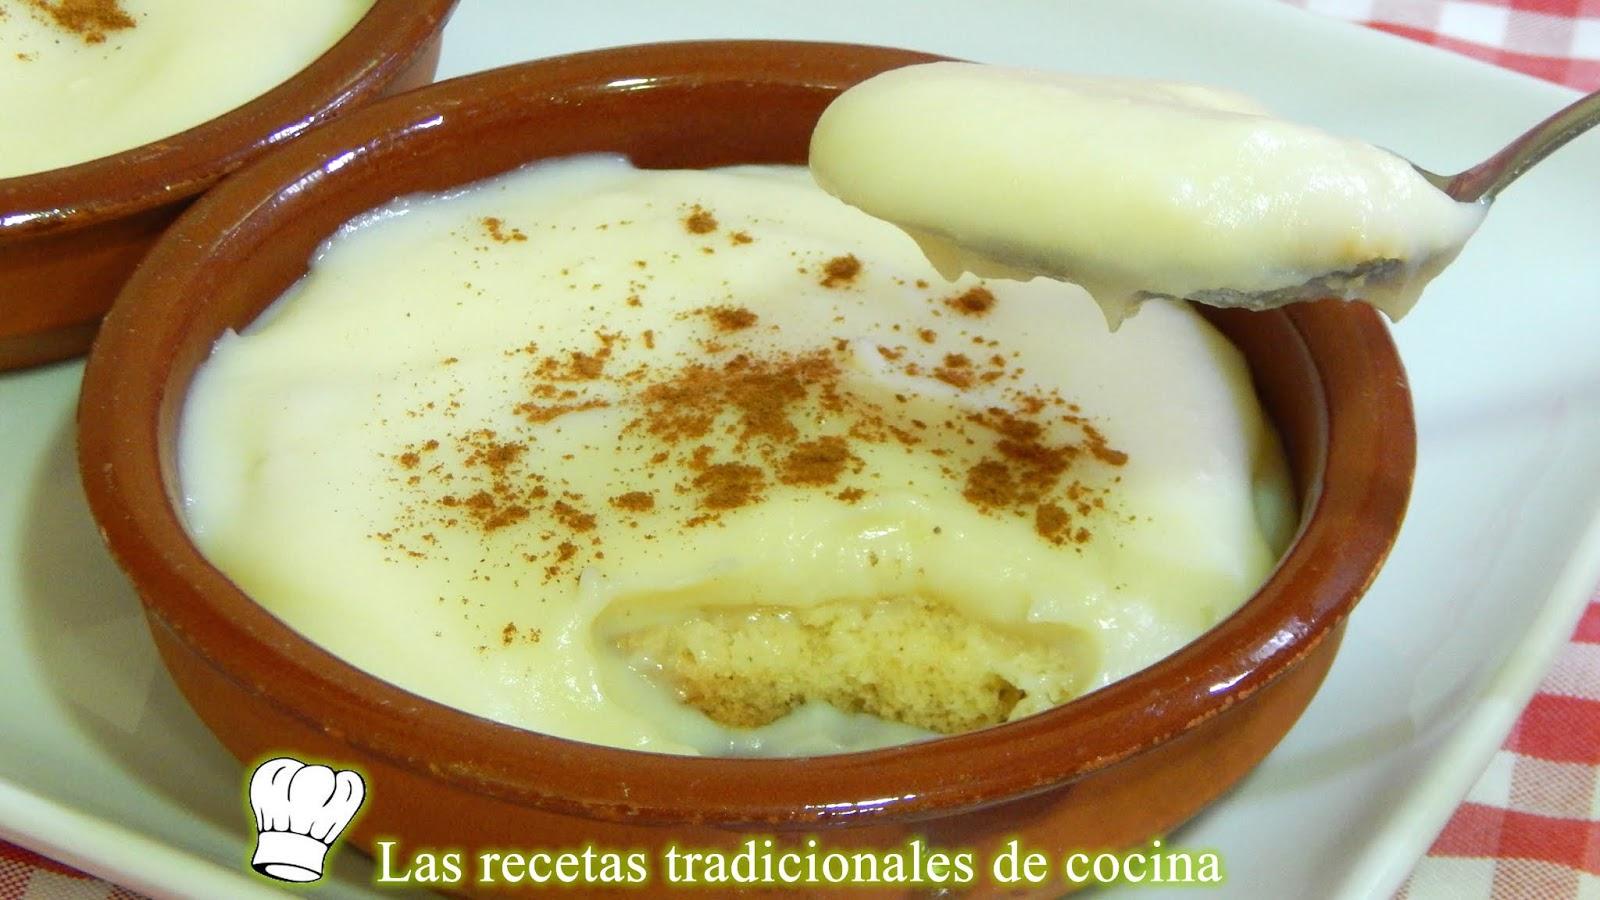 Postre Tradicional Valenciano Delicioso Y Con Una Receta Fácil, Económica Y De Aprovechamiento